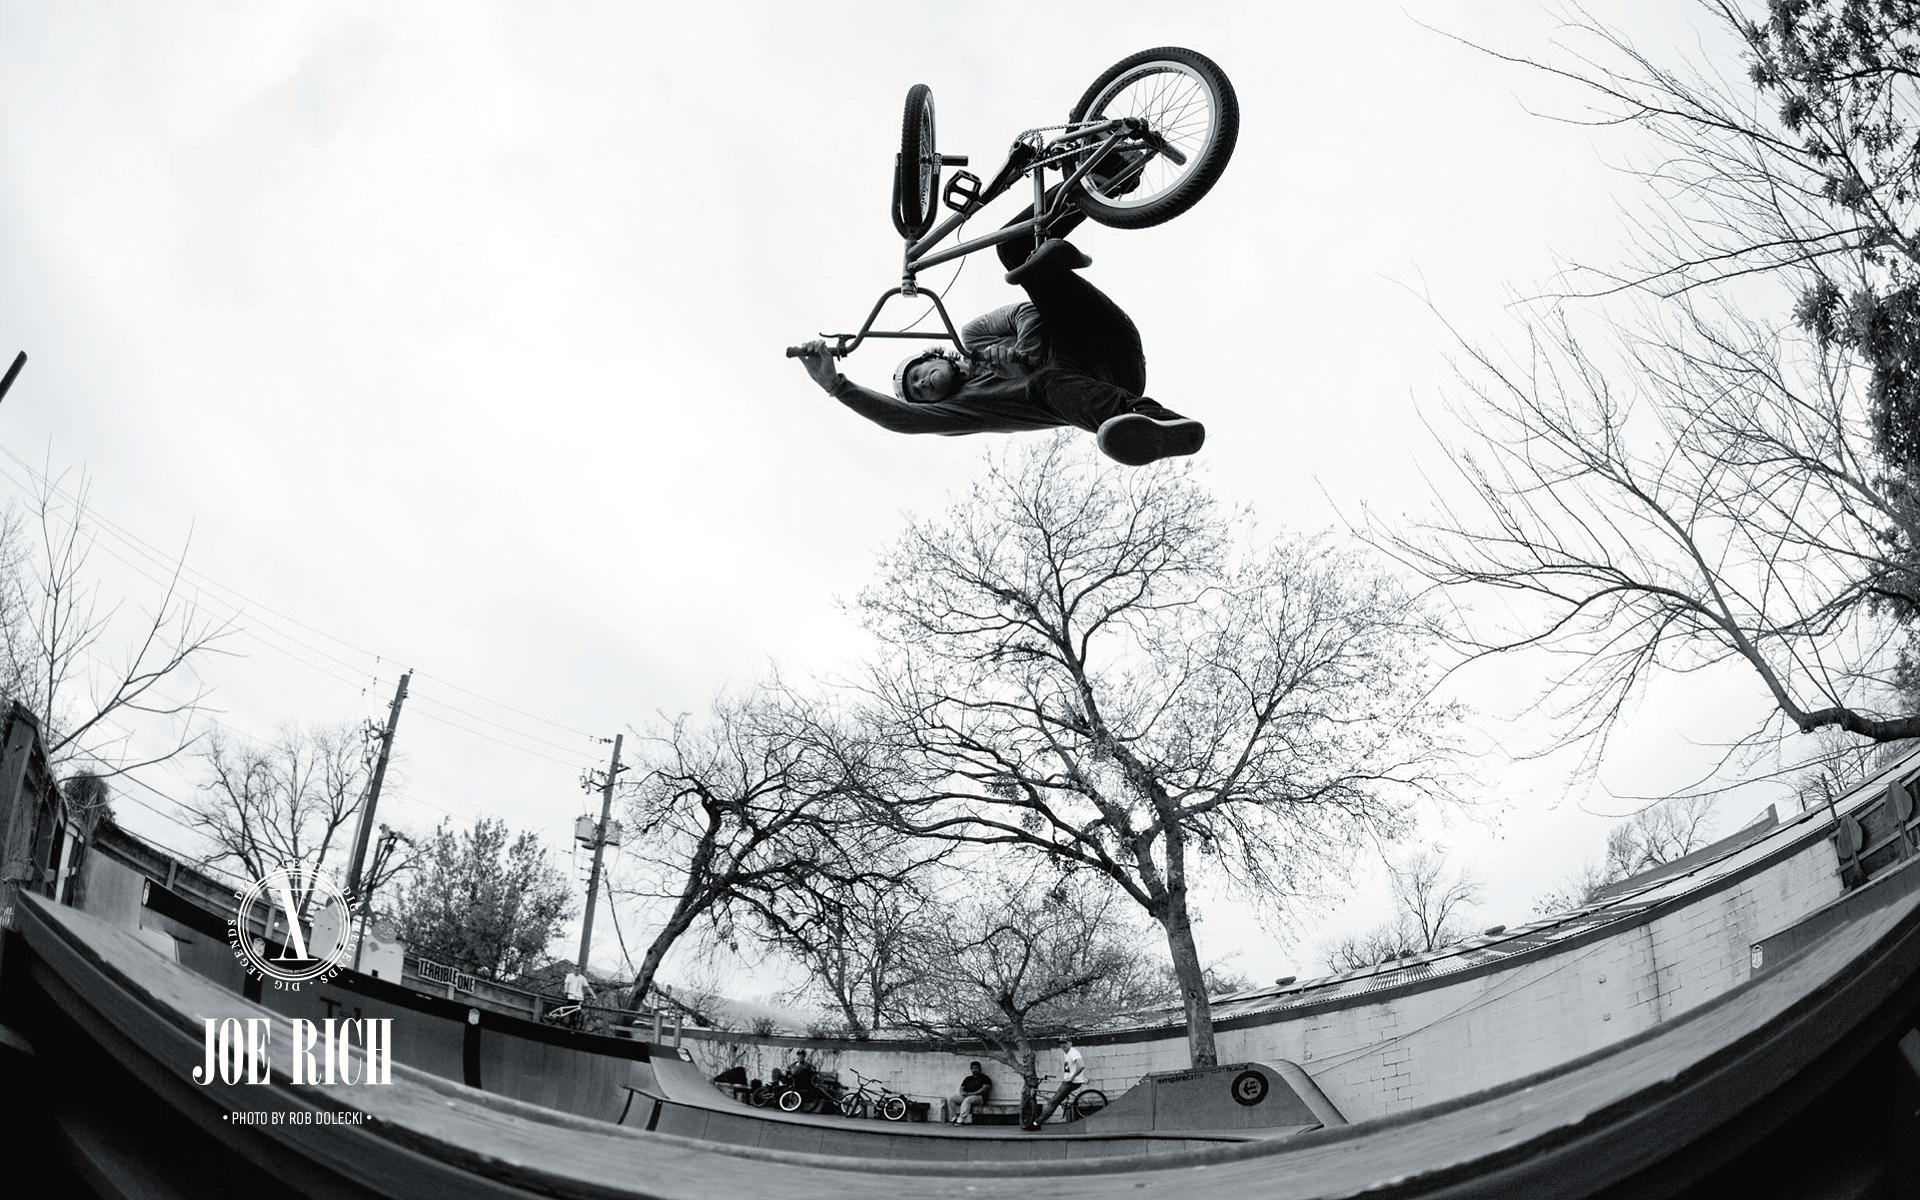 Joe Rich BMX